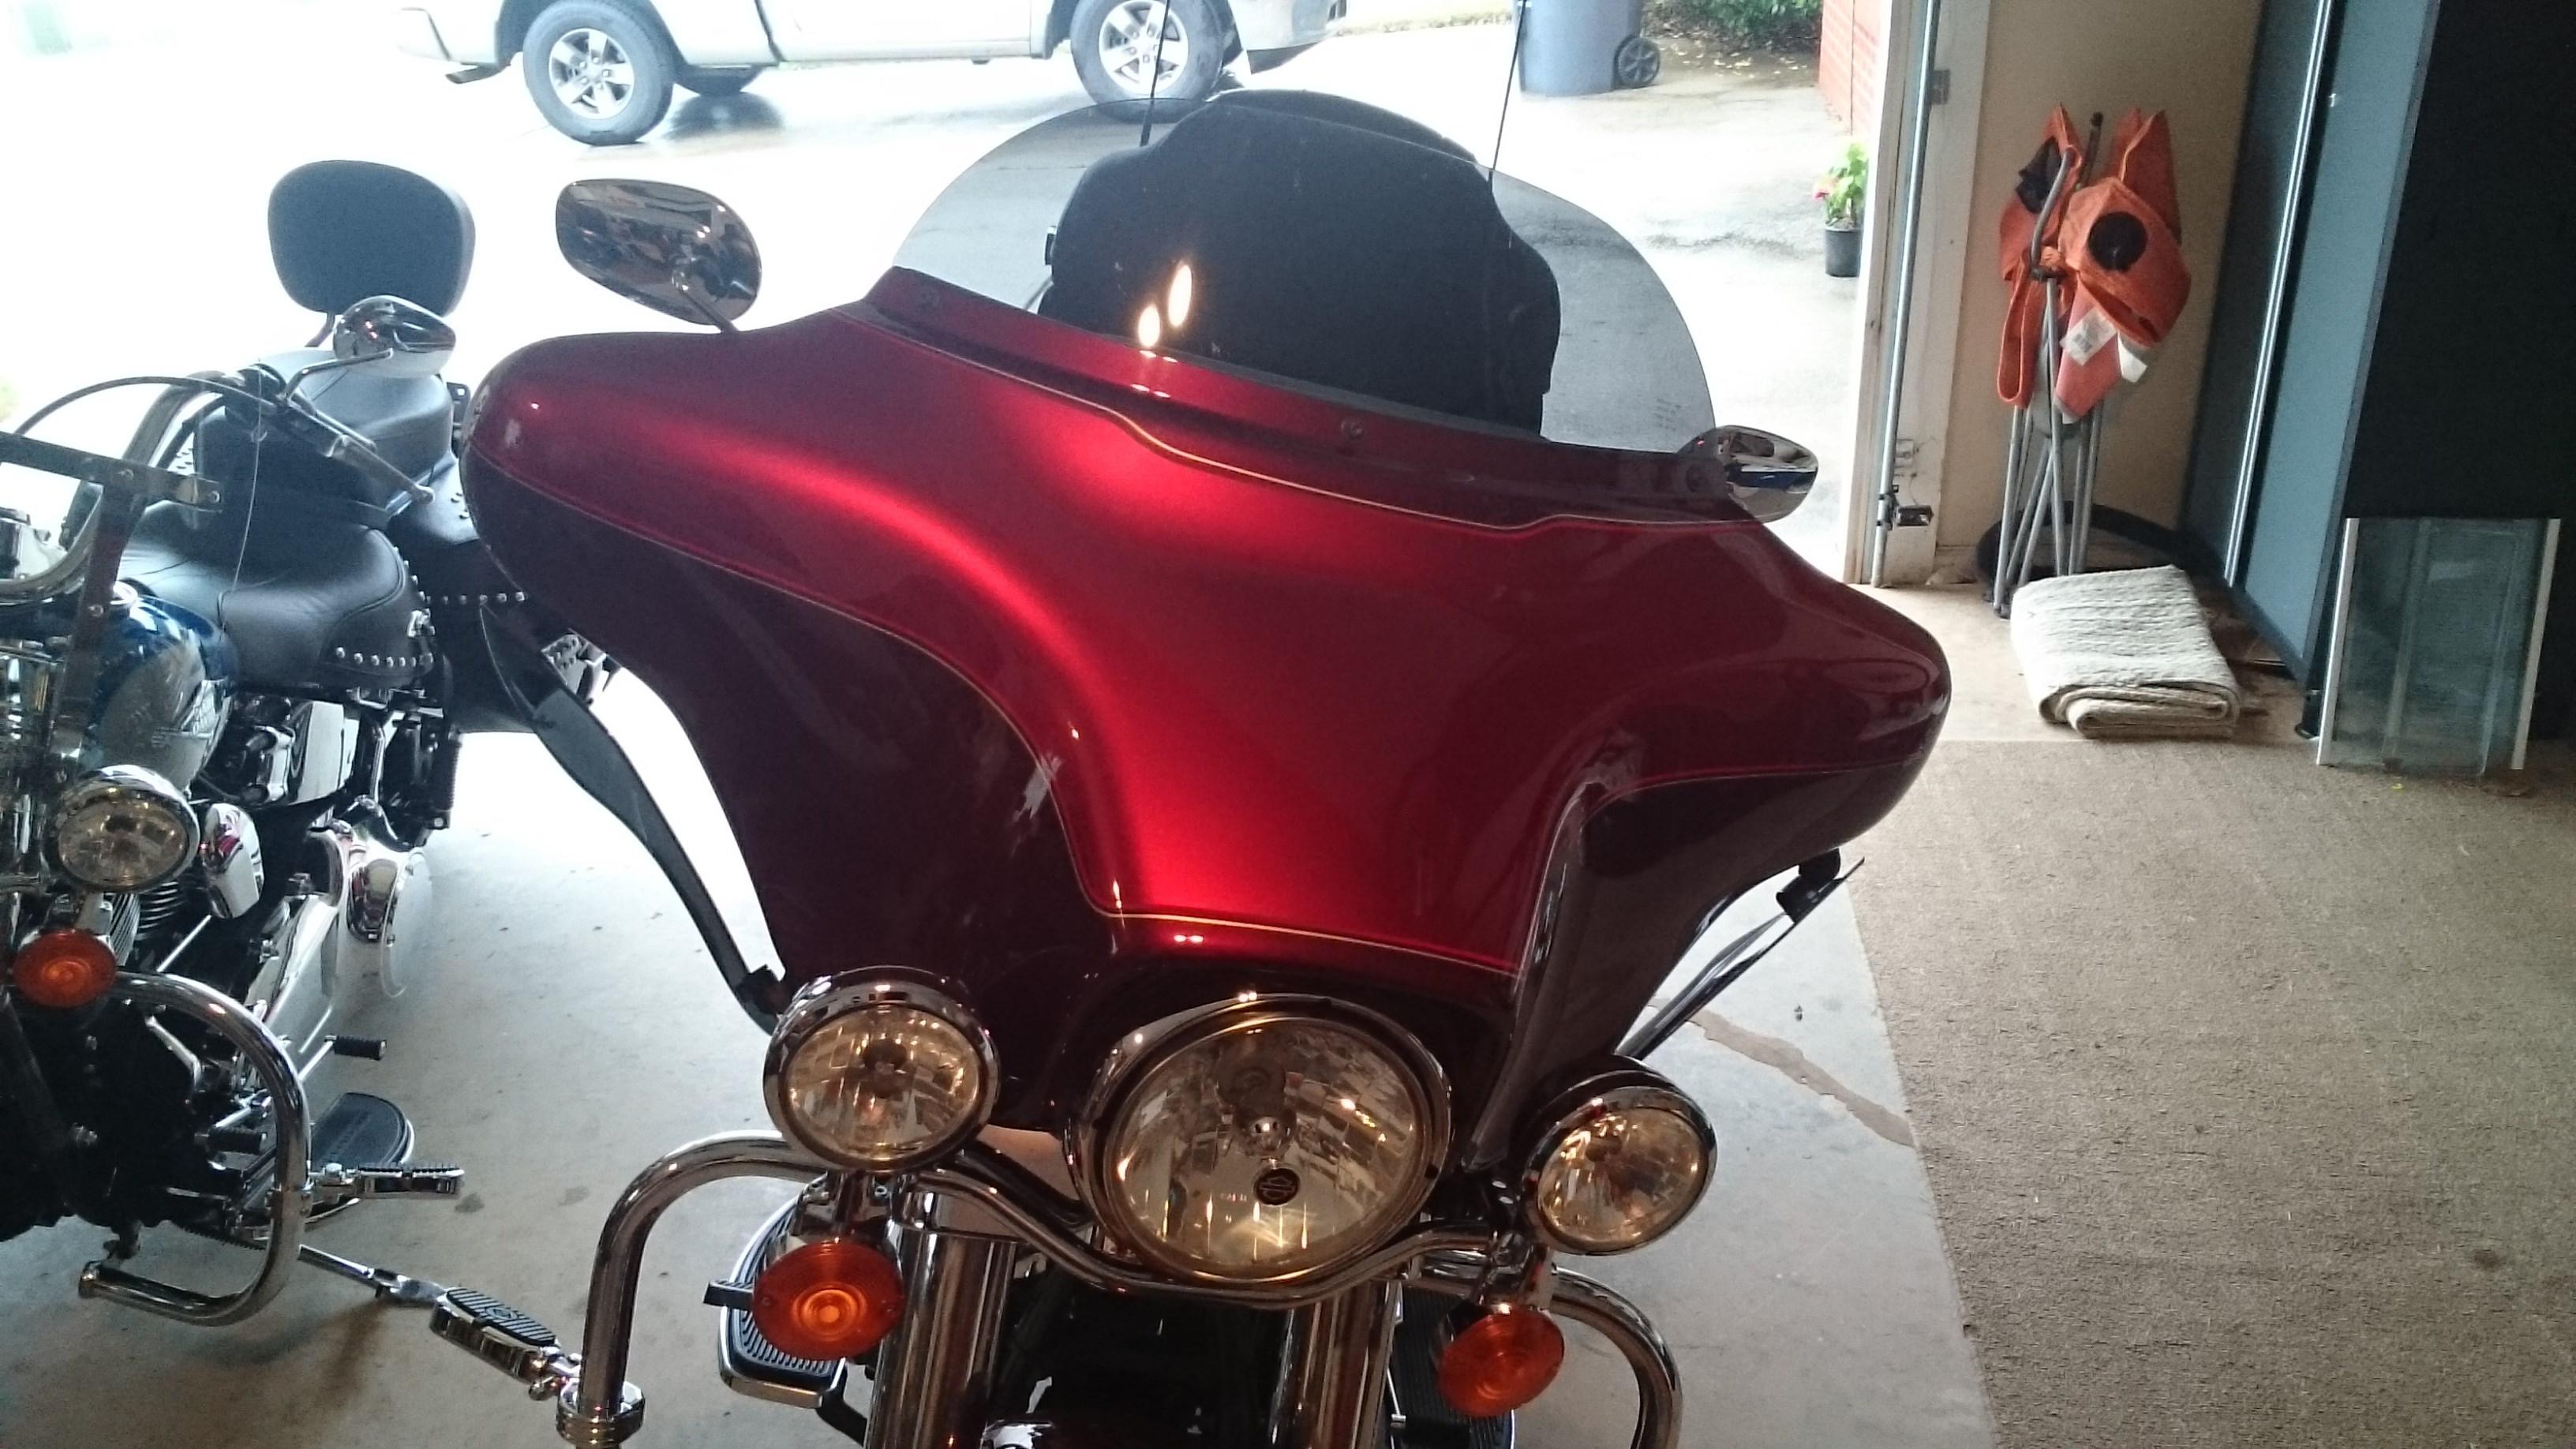 Motorcycles Villa Rica